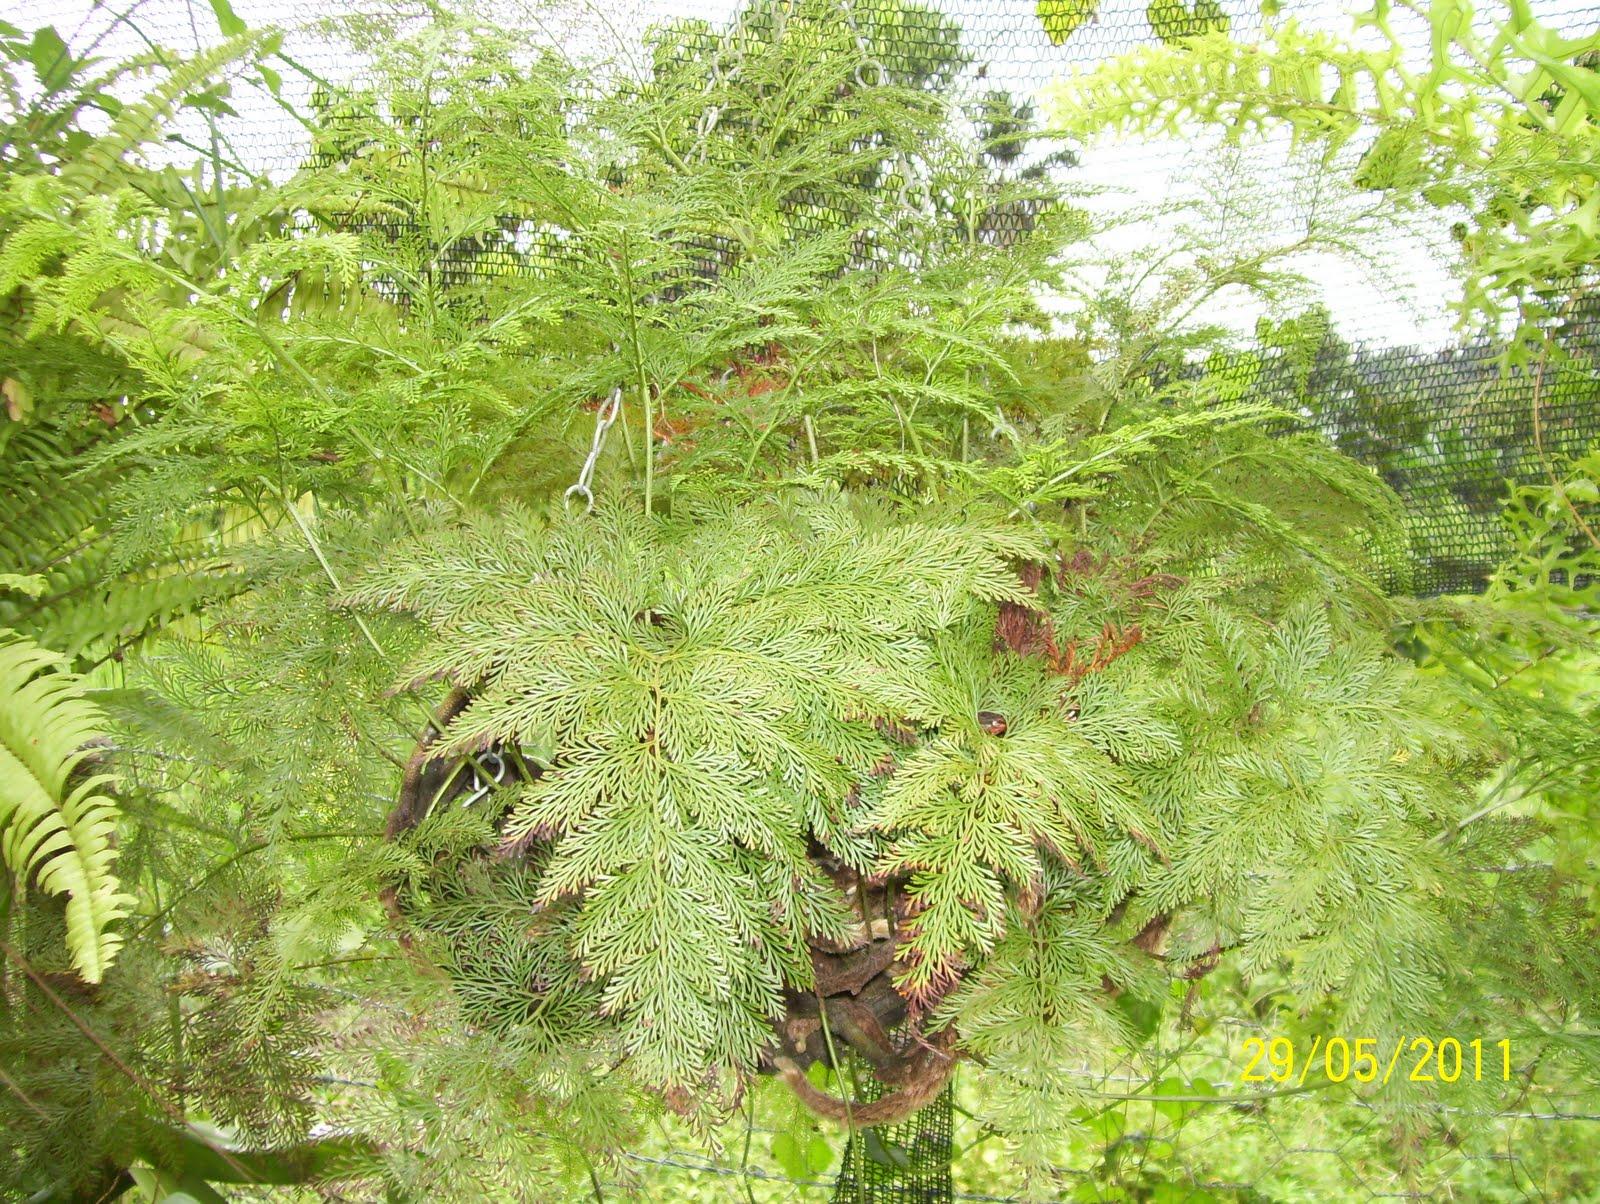 Vivero los chaguaramos plantas ornamentales for Una planta ornamental